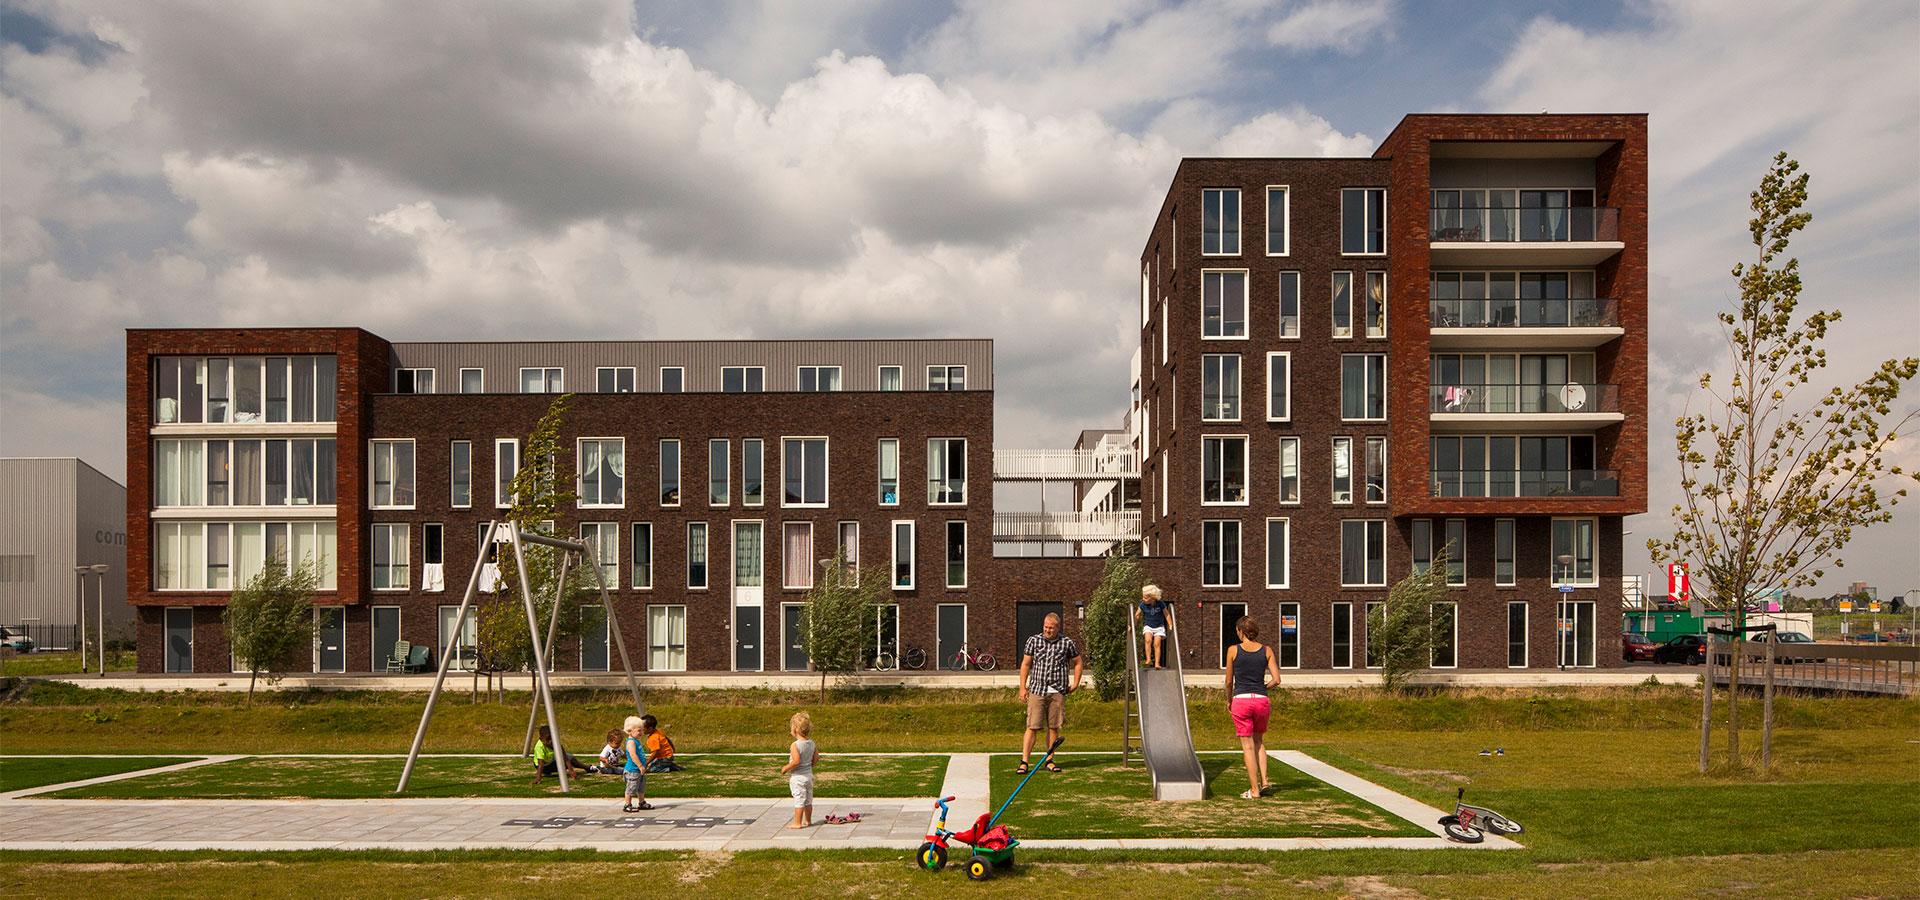 FARO architecten Harnaschpolder Delft 04